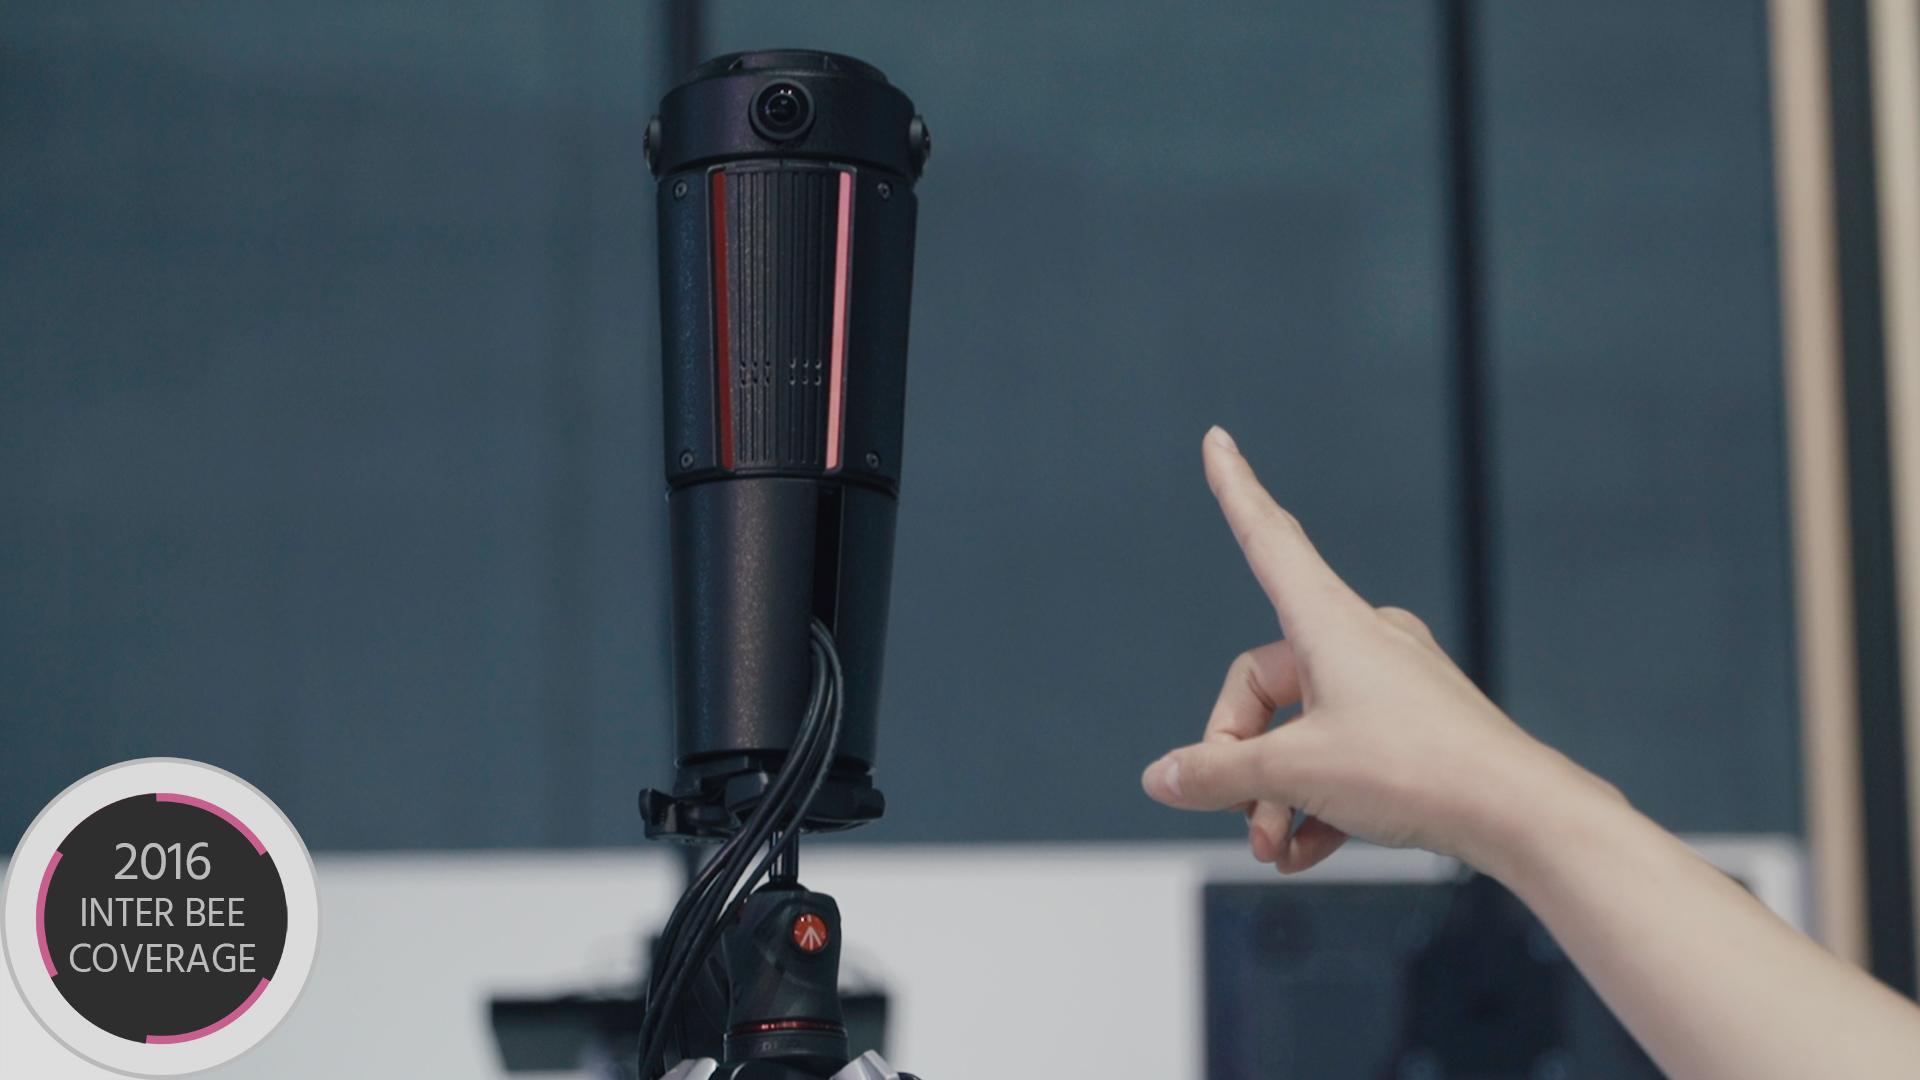 パナソニックの360°カメラ - 遅延の無いVR用4Kライブカメラ